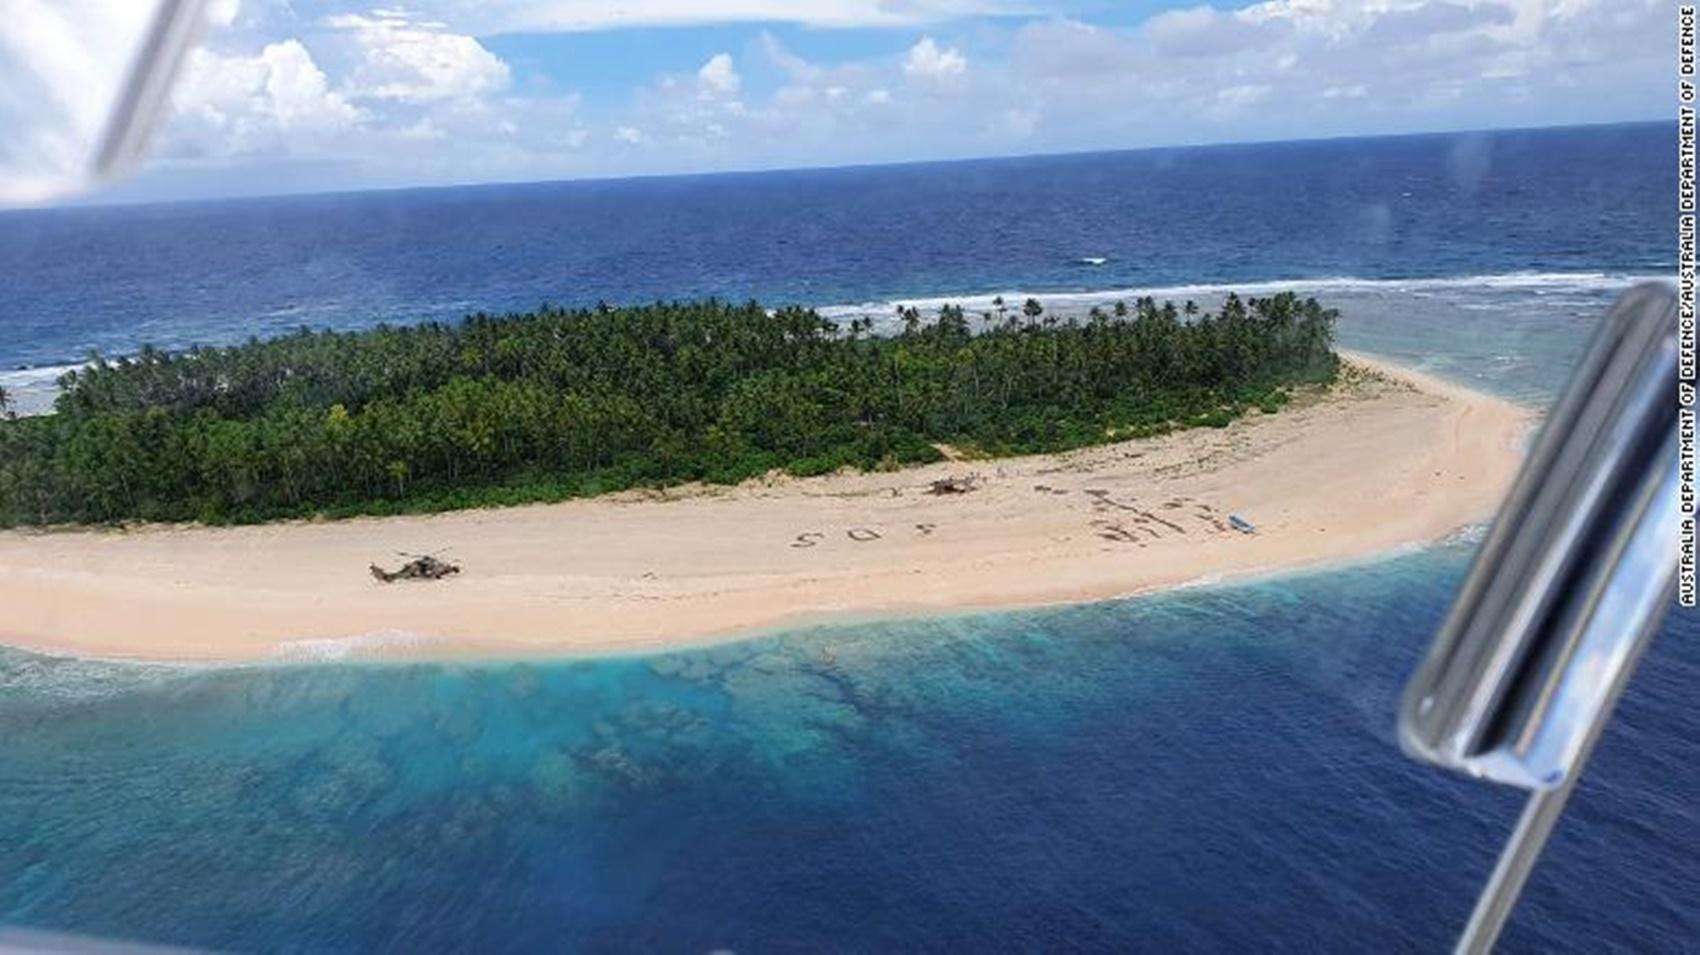 Trei marinari izolați pe o plajă pustie au fost salvați ca în filme. Cum au reușit să ceară ajutor